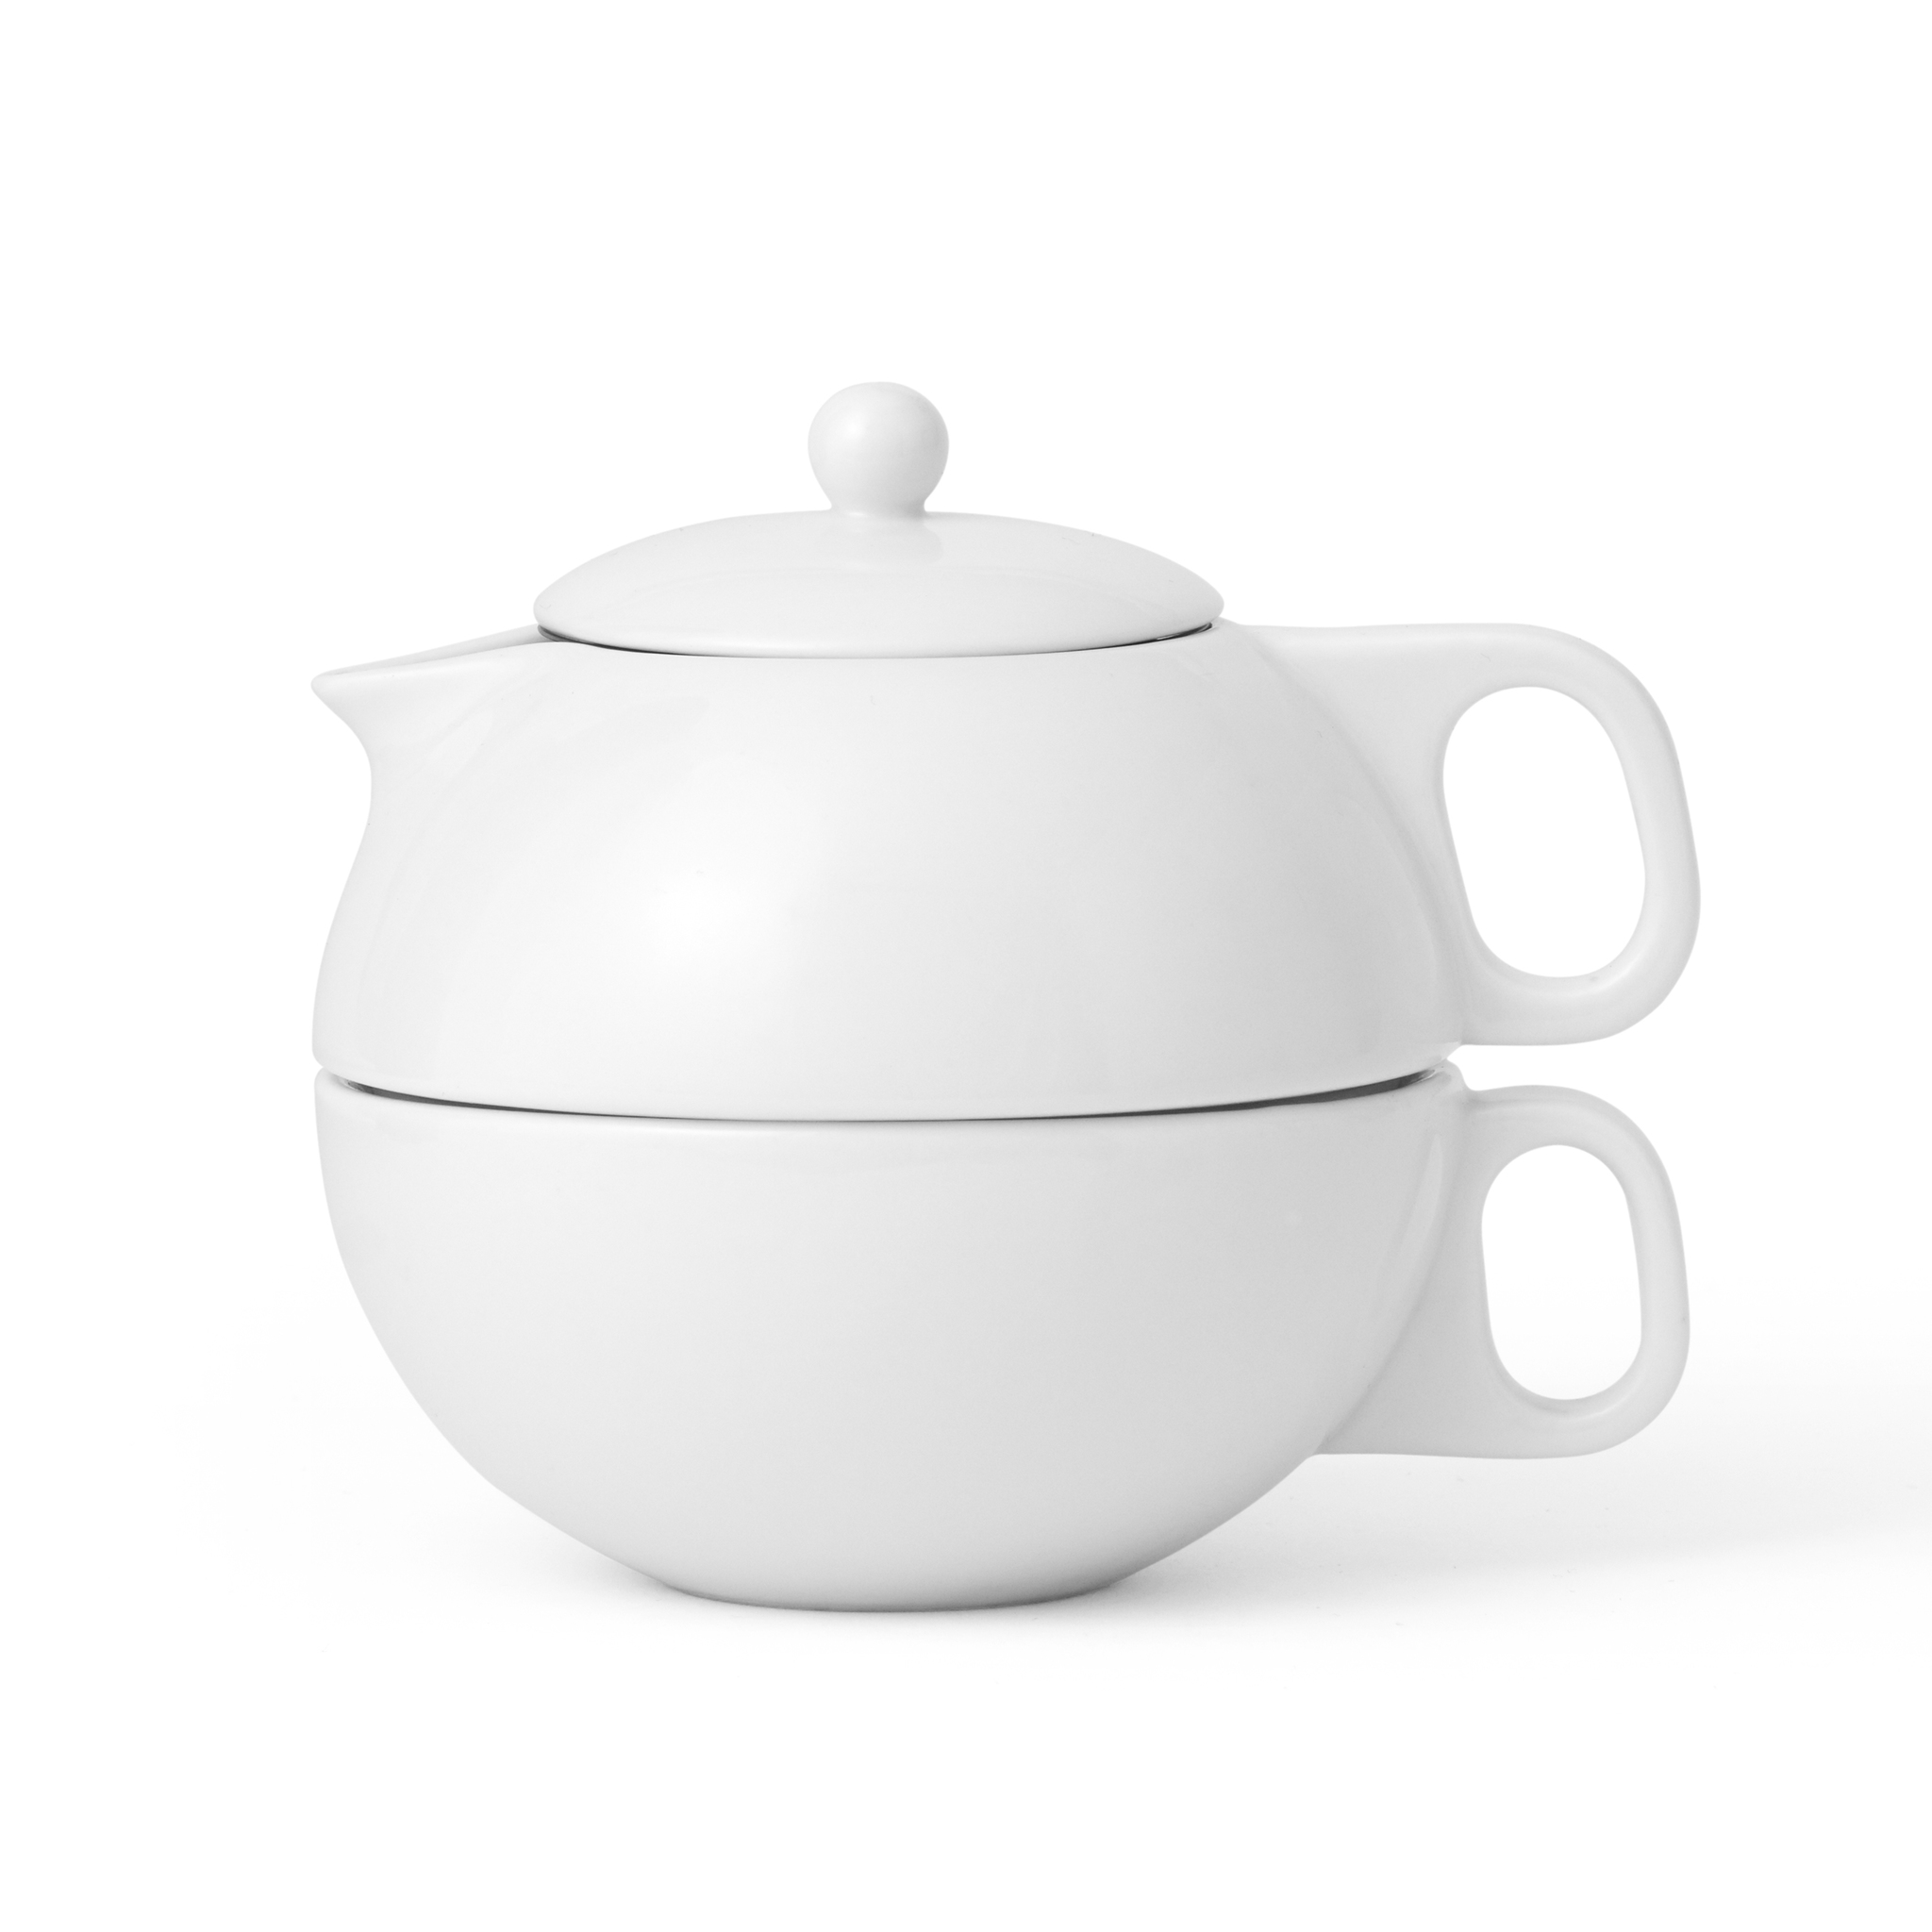 Чайный набор на одну персону Jaimi™ 300 мл